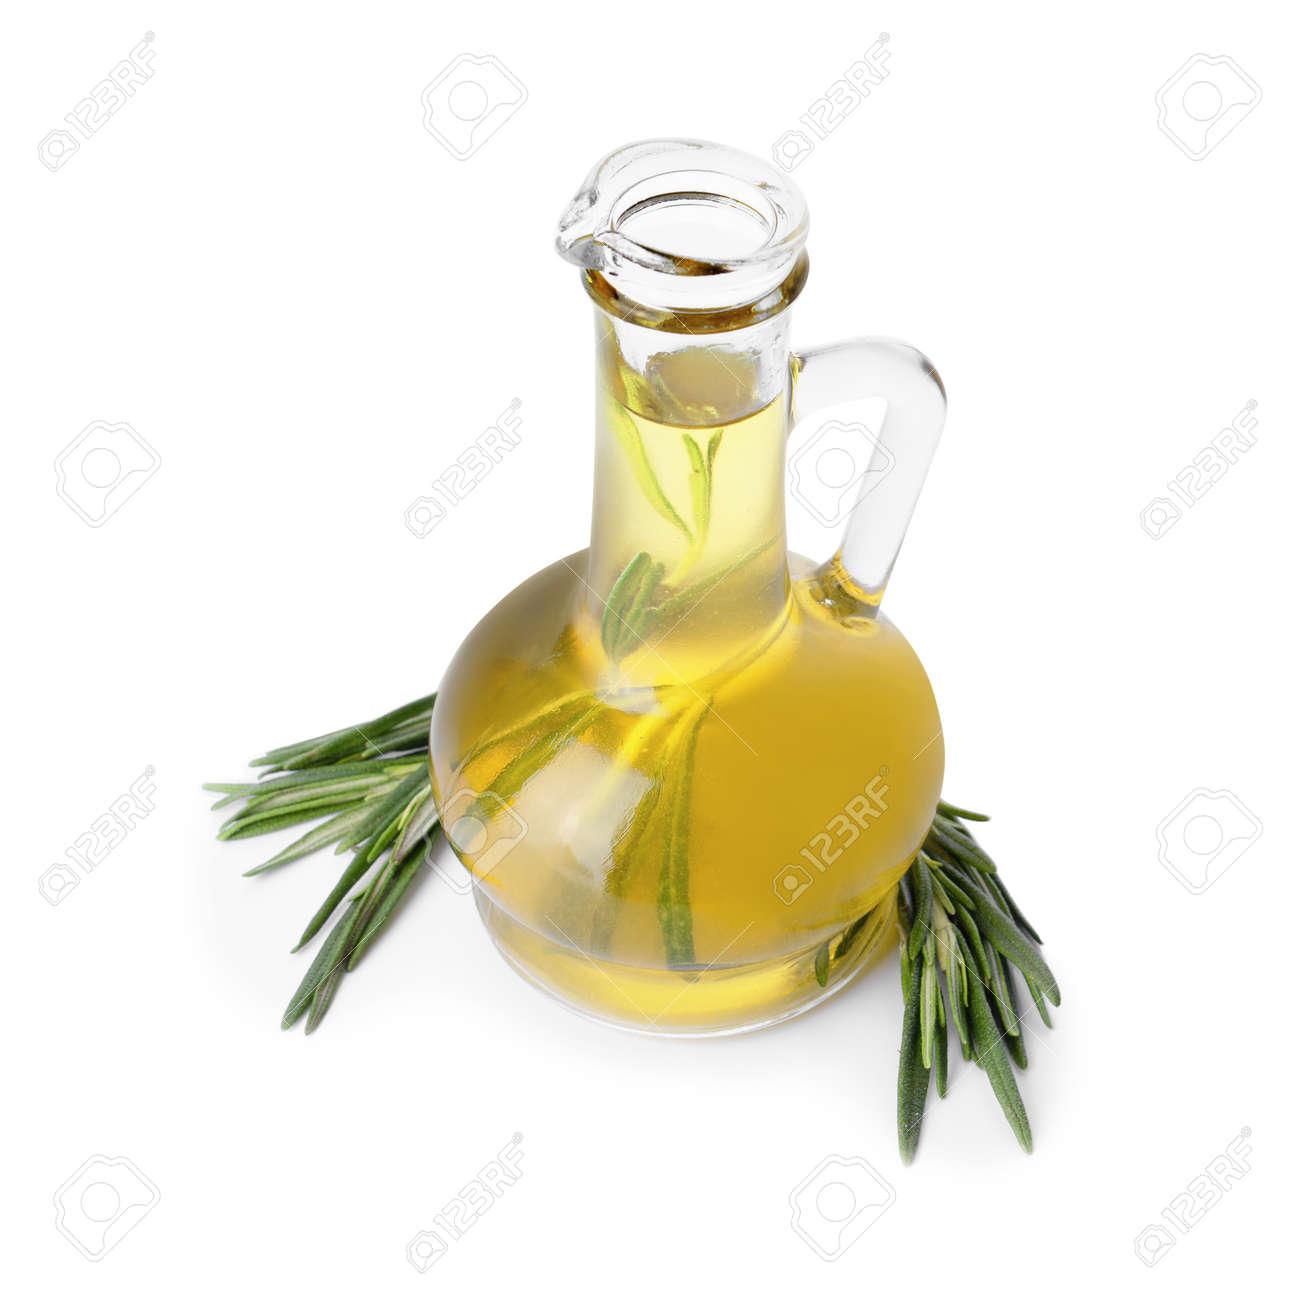 Bottle of rosemary oil on white background - 166655405